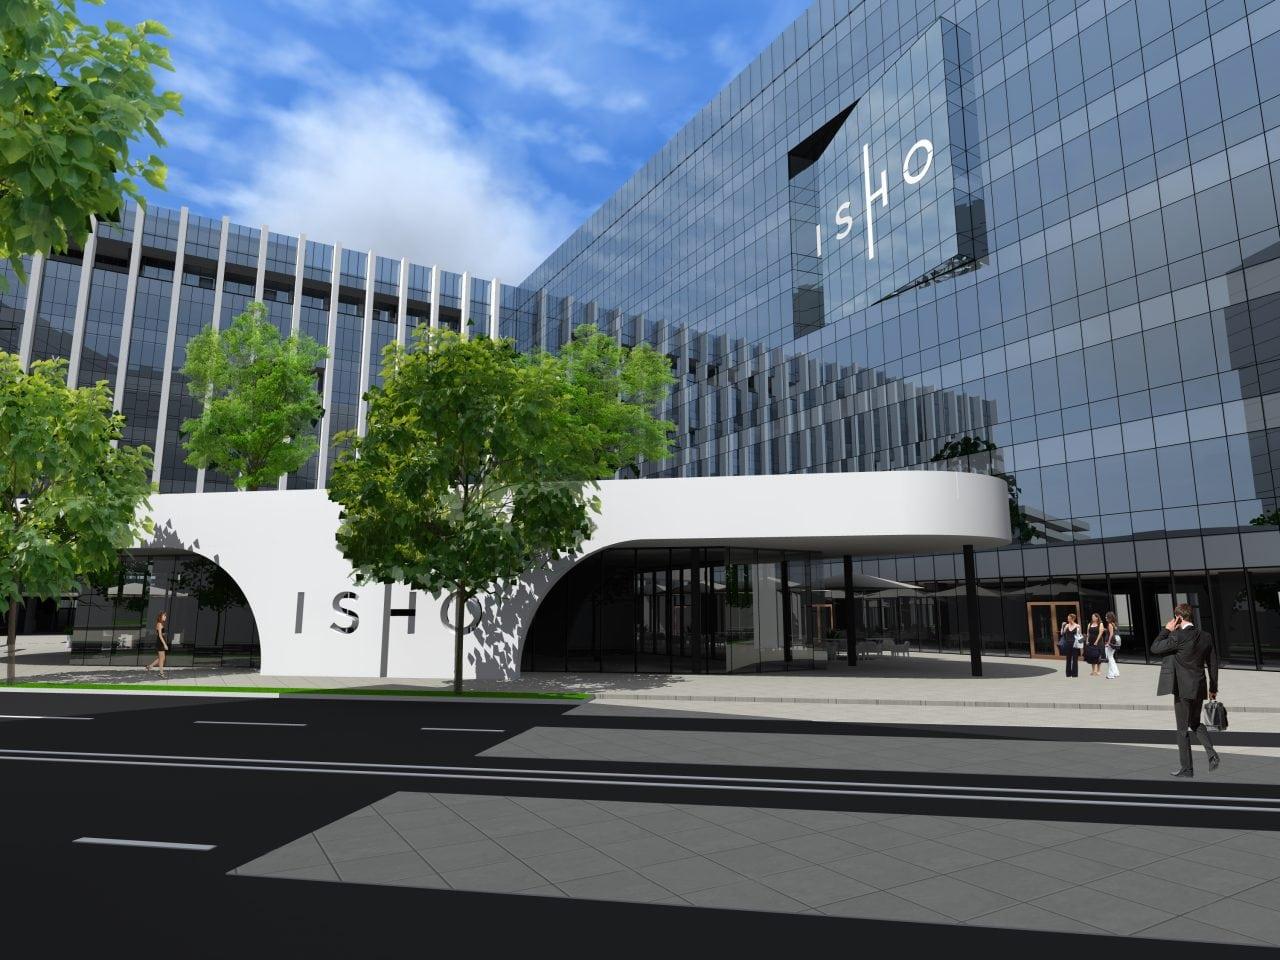 isho offices 6 - Ovidiu Șandor atrage KPMG în proiectul ISHO din Timișoara